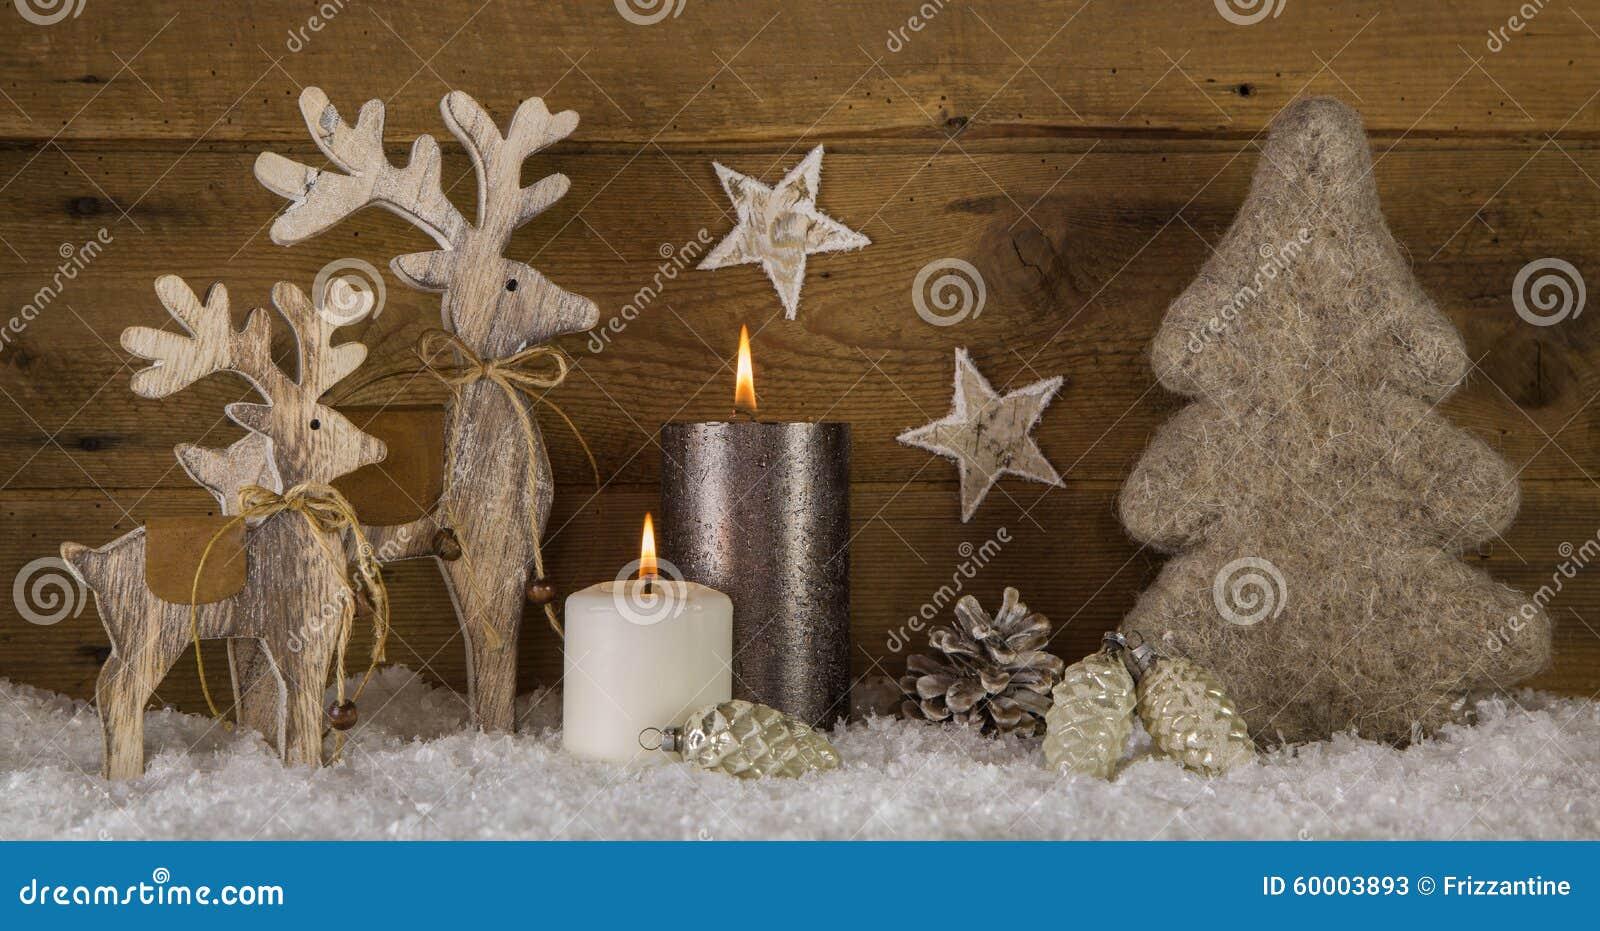 #A76A24 Décoration Brune Blanche En Bois Naturelle De Noël Avec  5651 idée déco noel bois 1300x774 px @ aertt.com